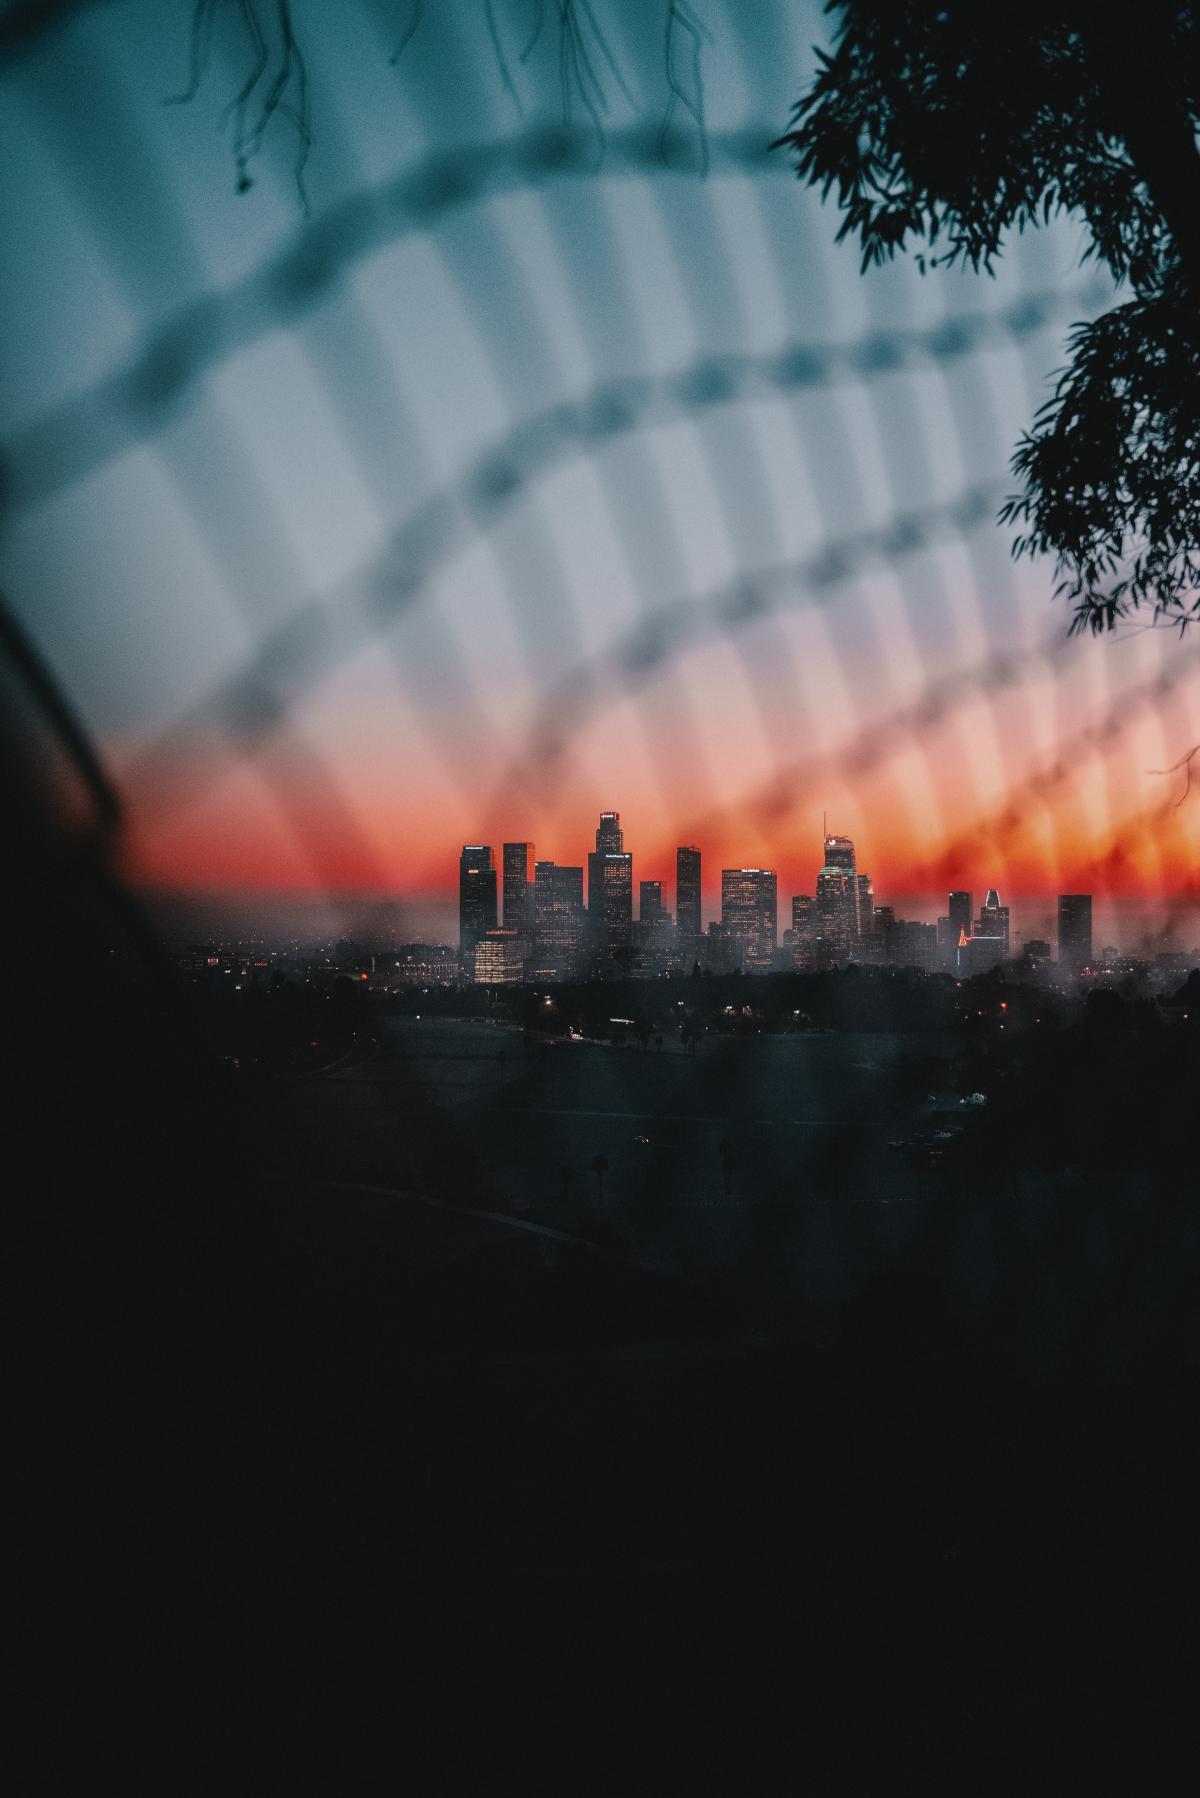 Night Light City